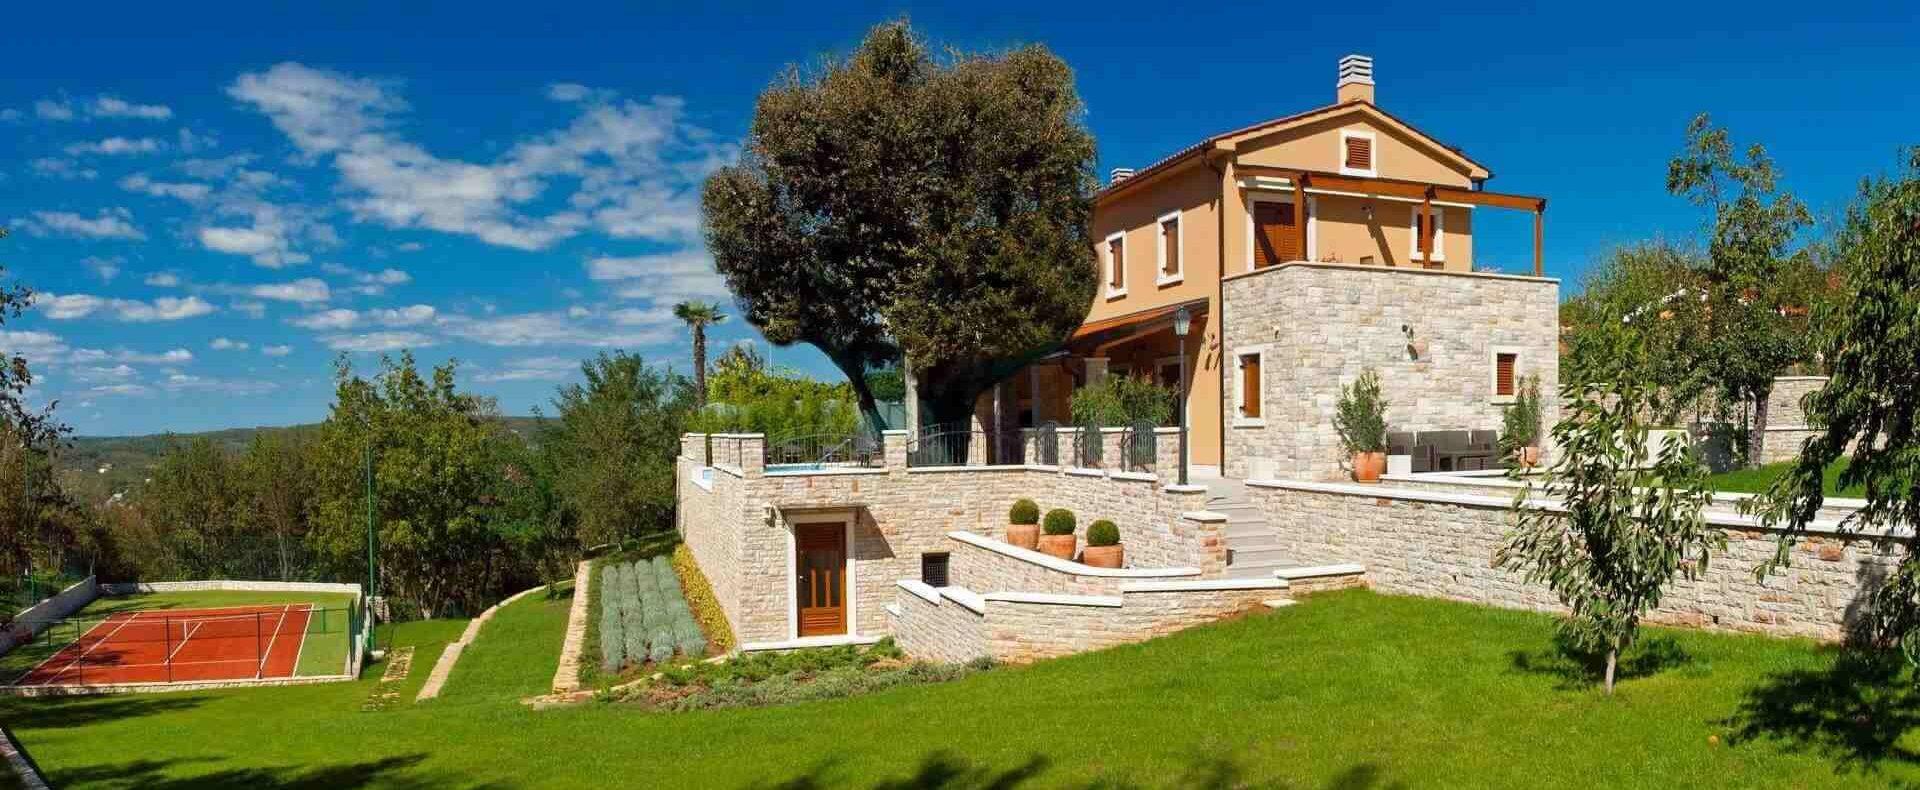 Private Villas in Istria Croatia